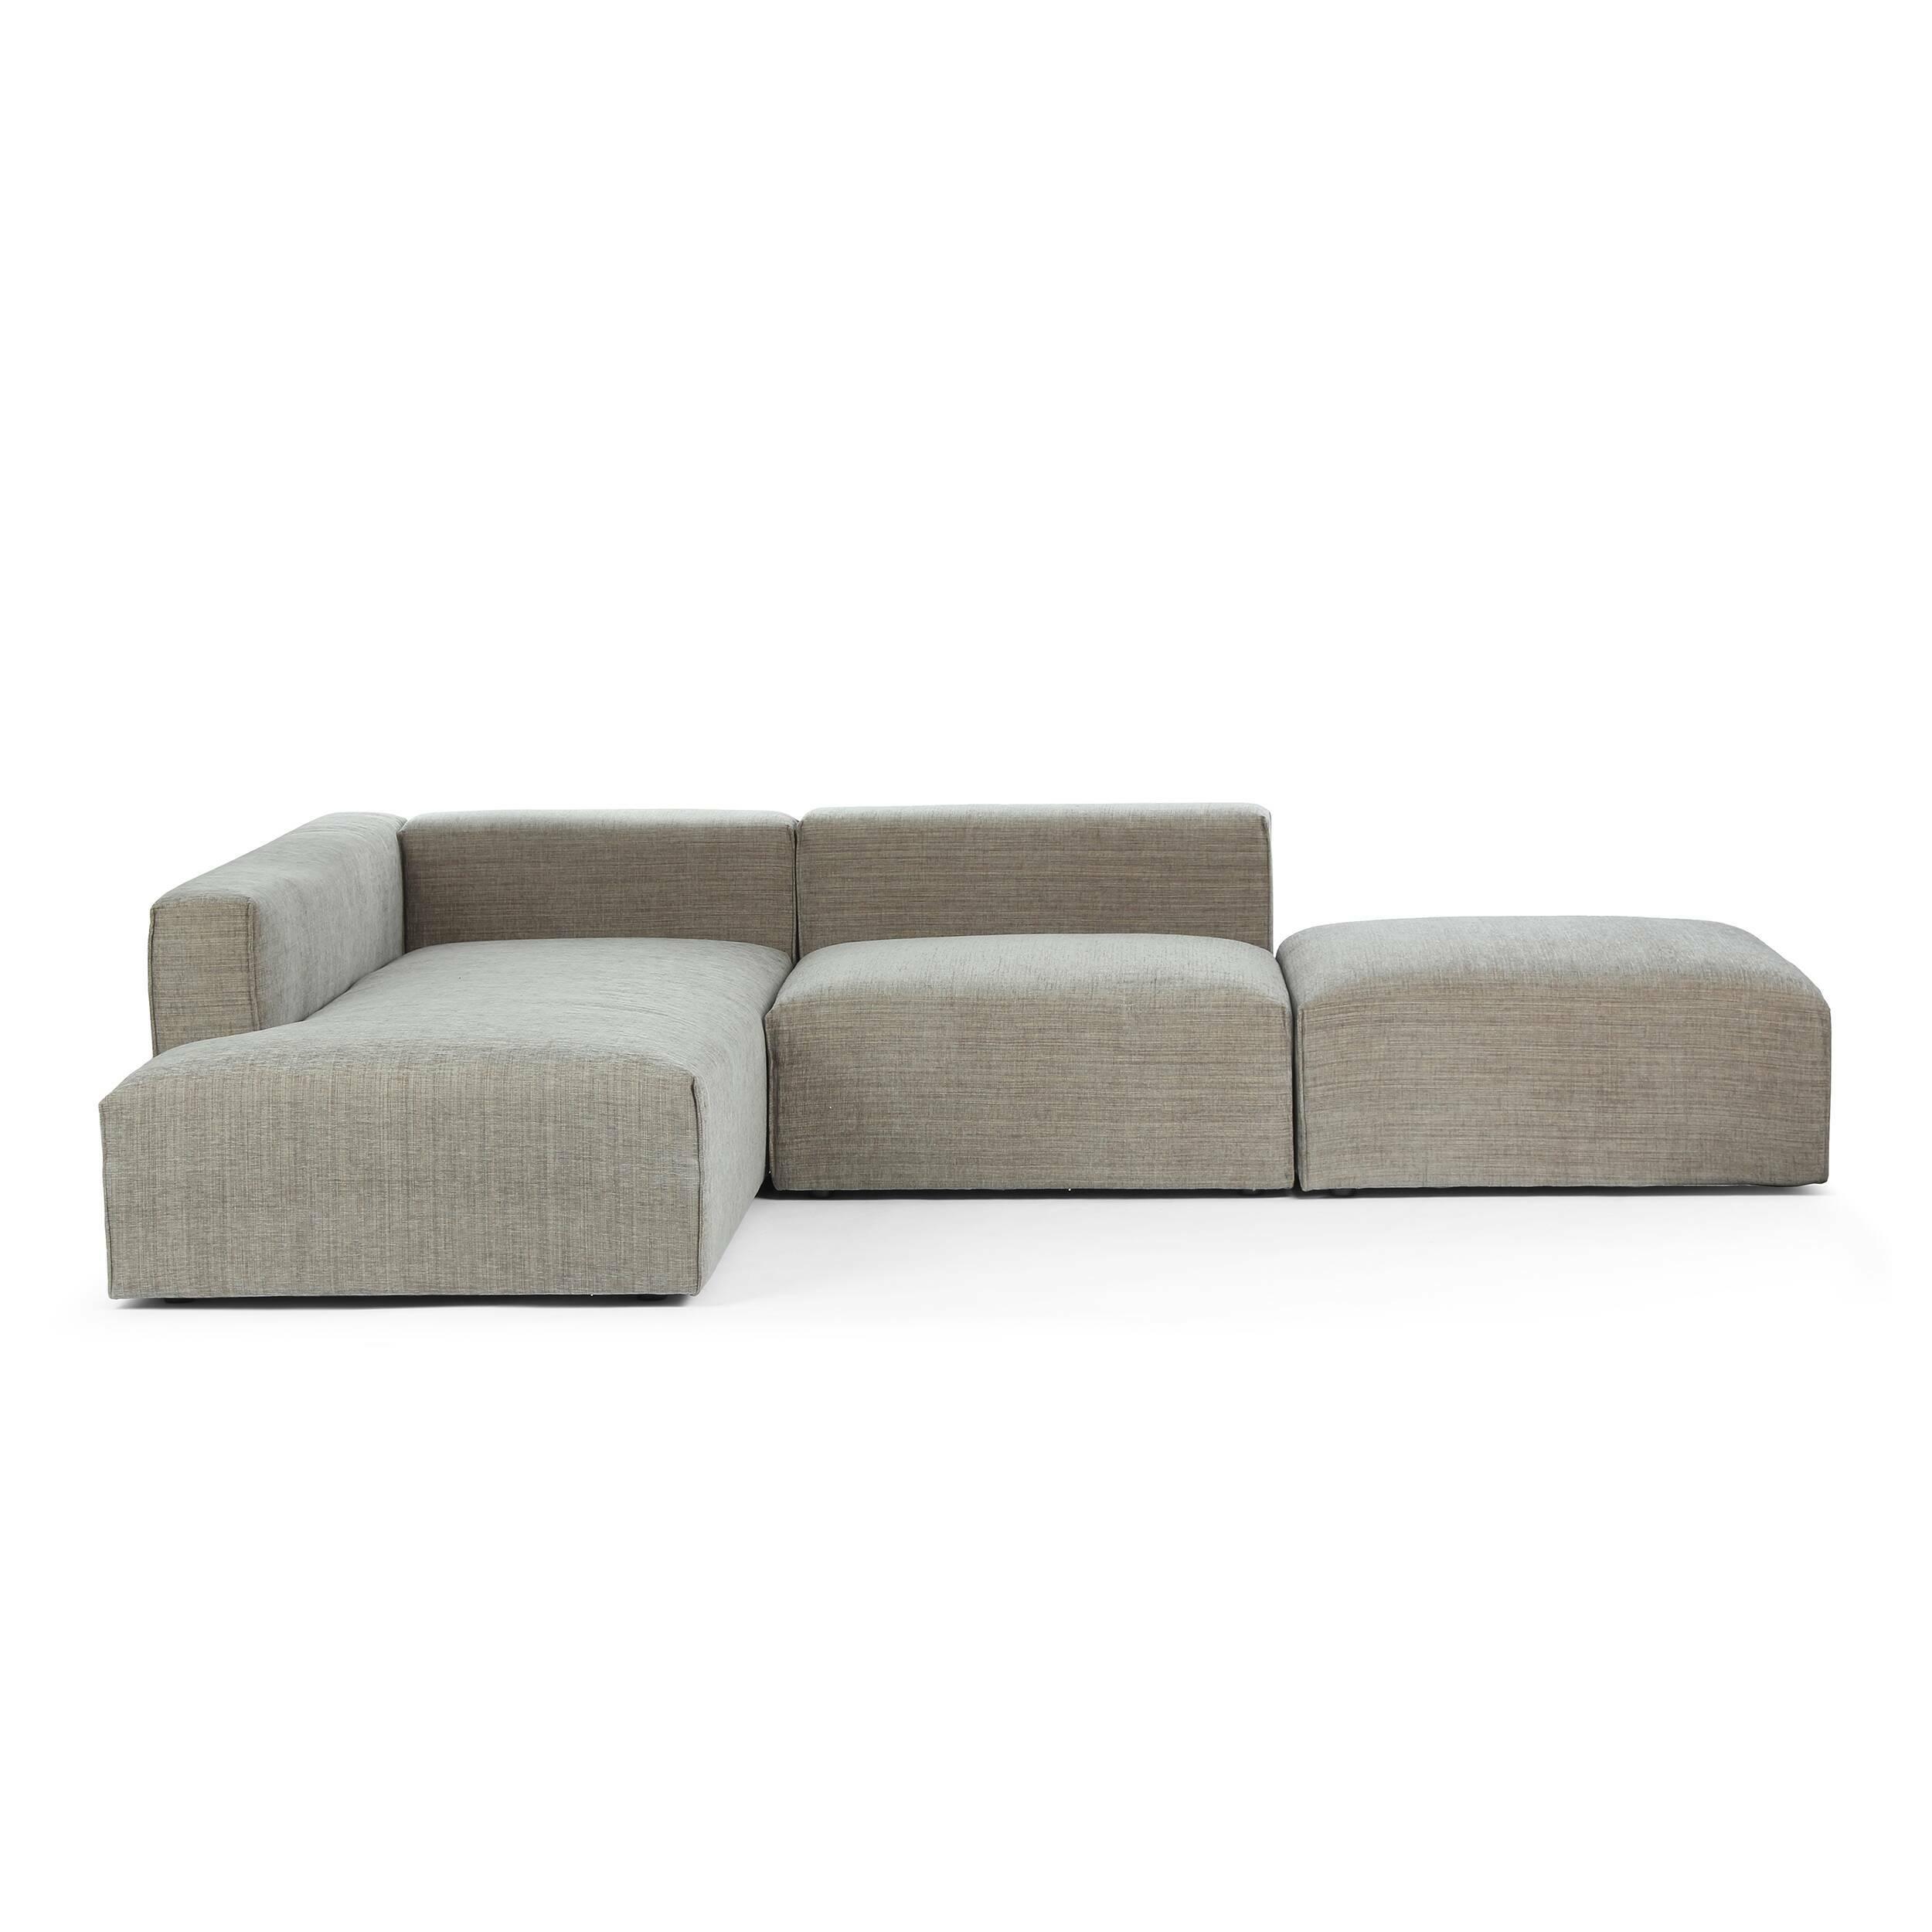 Угловой диван Liam длина 284 левосторонний